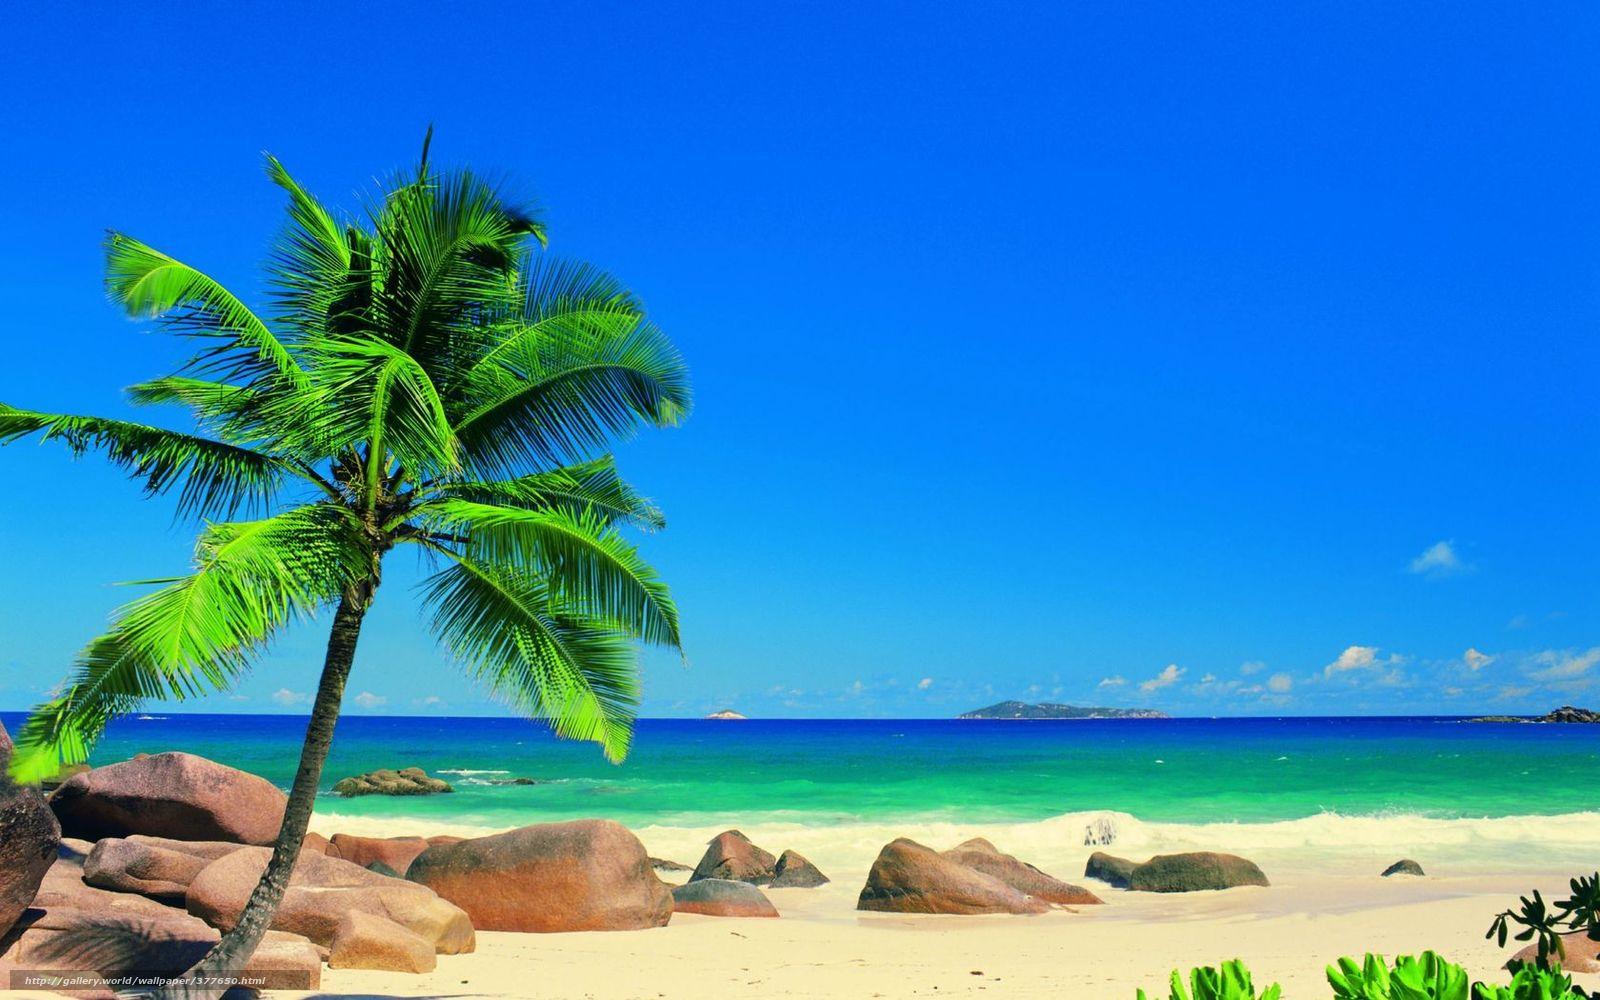 Scaricare Gli Sfondi Estate Sole Palma Oceano Sfondi Gratis Per